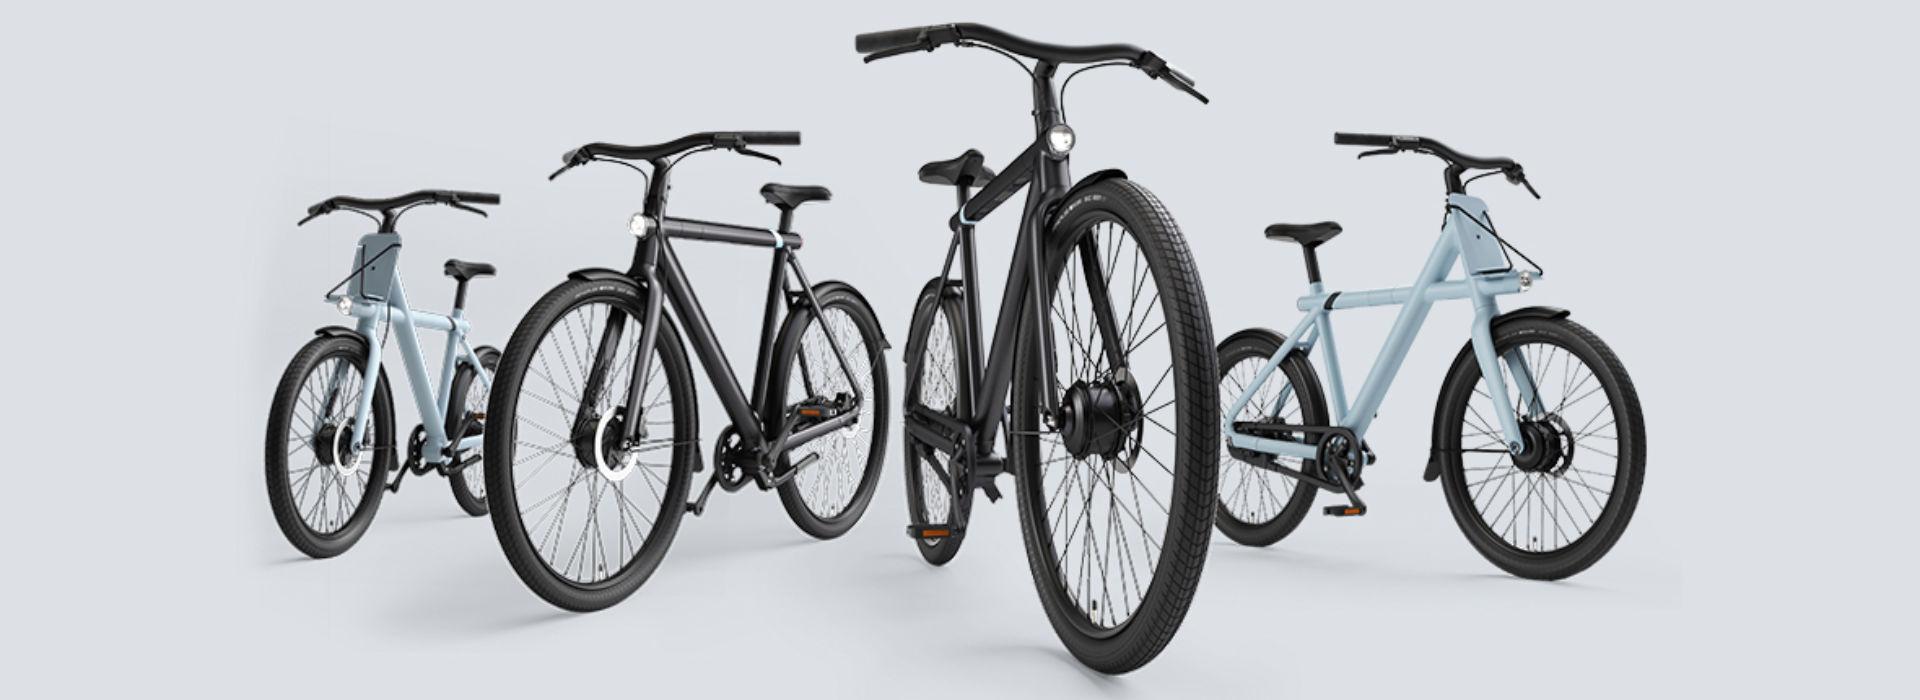 À la rencontre des nouveaux VanMoof électriques S3 & X3: It's time to ride the future